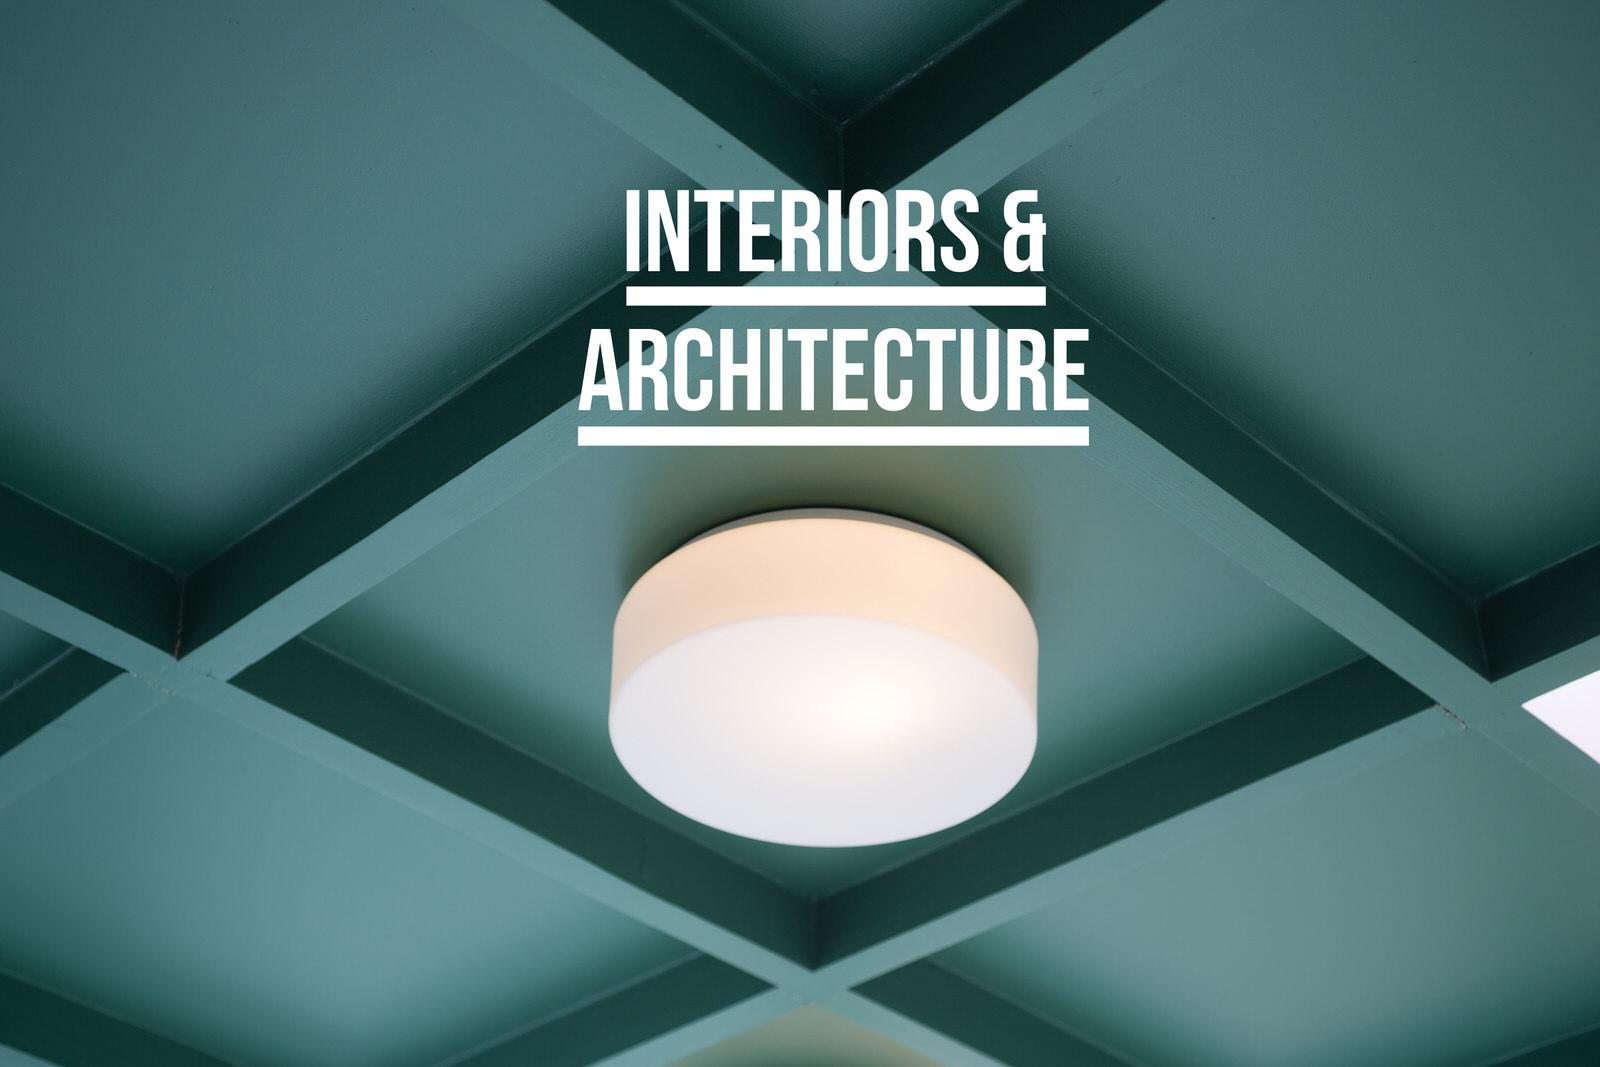 interiorrs